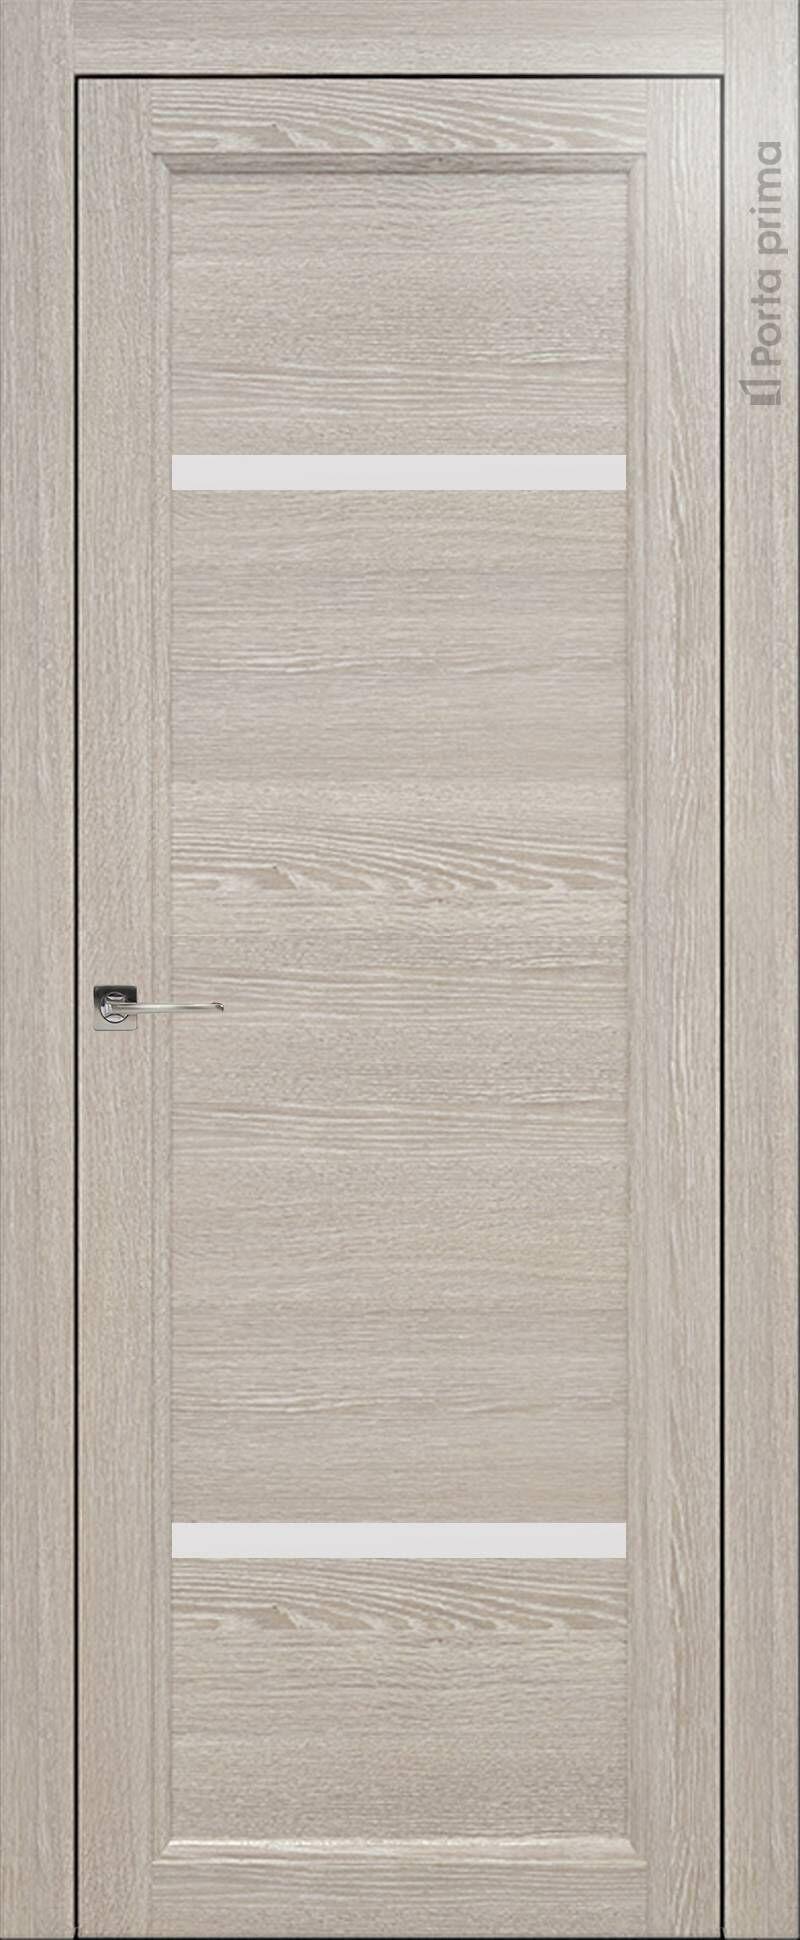 Sorrento-R Г3 цвет - Серый дуб Без стекла (ДГ)